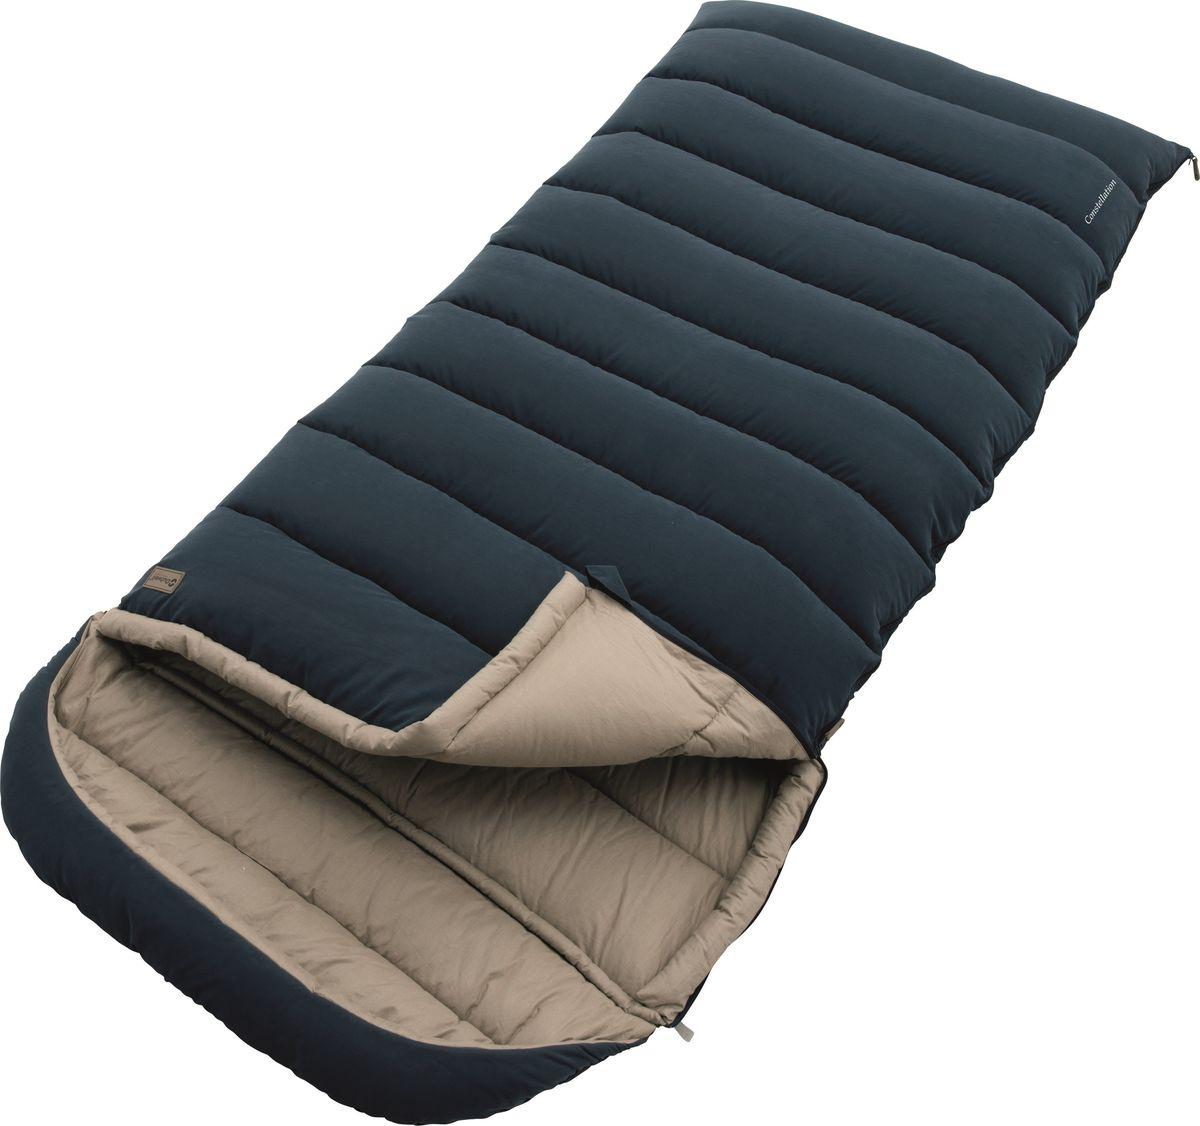 Спальный мешок Outwell Constellation Lux, двусторонняя молния, цвет: темно-синий, длина 200 см230144Спальный мешок Outwell Constellation Lux прочный и ультра-мягкий. Матовая внешняя сторона, 100% хлопковая подкладка и наполнитель премиум Isofill обеспечивают лучший в кемпинге комфорт. Просторный спальный мешок с возможностью полностью расстегнуть и использовать как большое одеяло.Особенности:Прямоугольная форма обеспечивает ногам свободу движения.Пристегивающийся капюшон.Защита молнии для тепла на полную длину.Два мешка можно состегнуть в один двухместный.Угловые петли крепления вкладыша.Расстегнуть и использовать как одеяло.